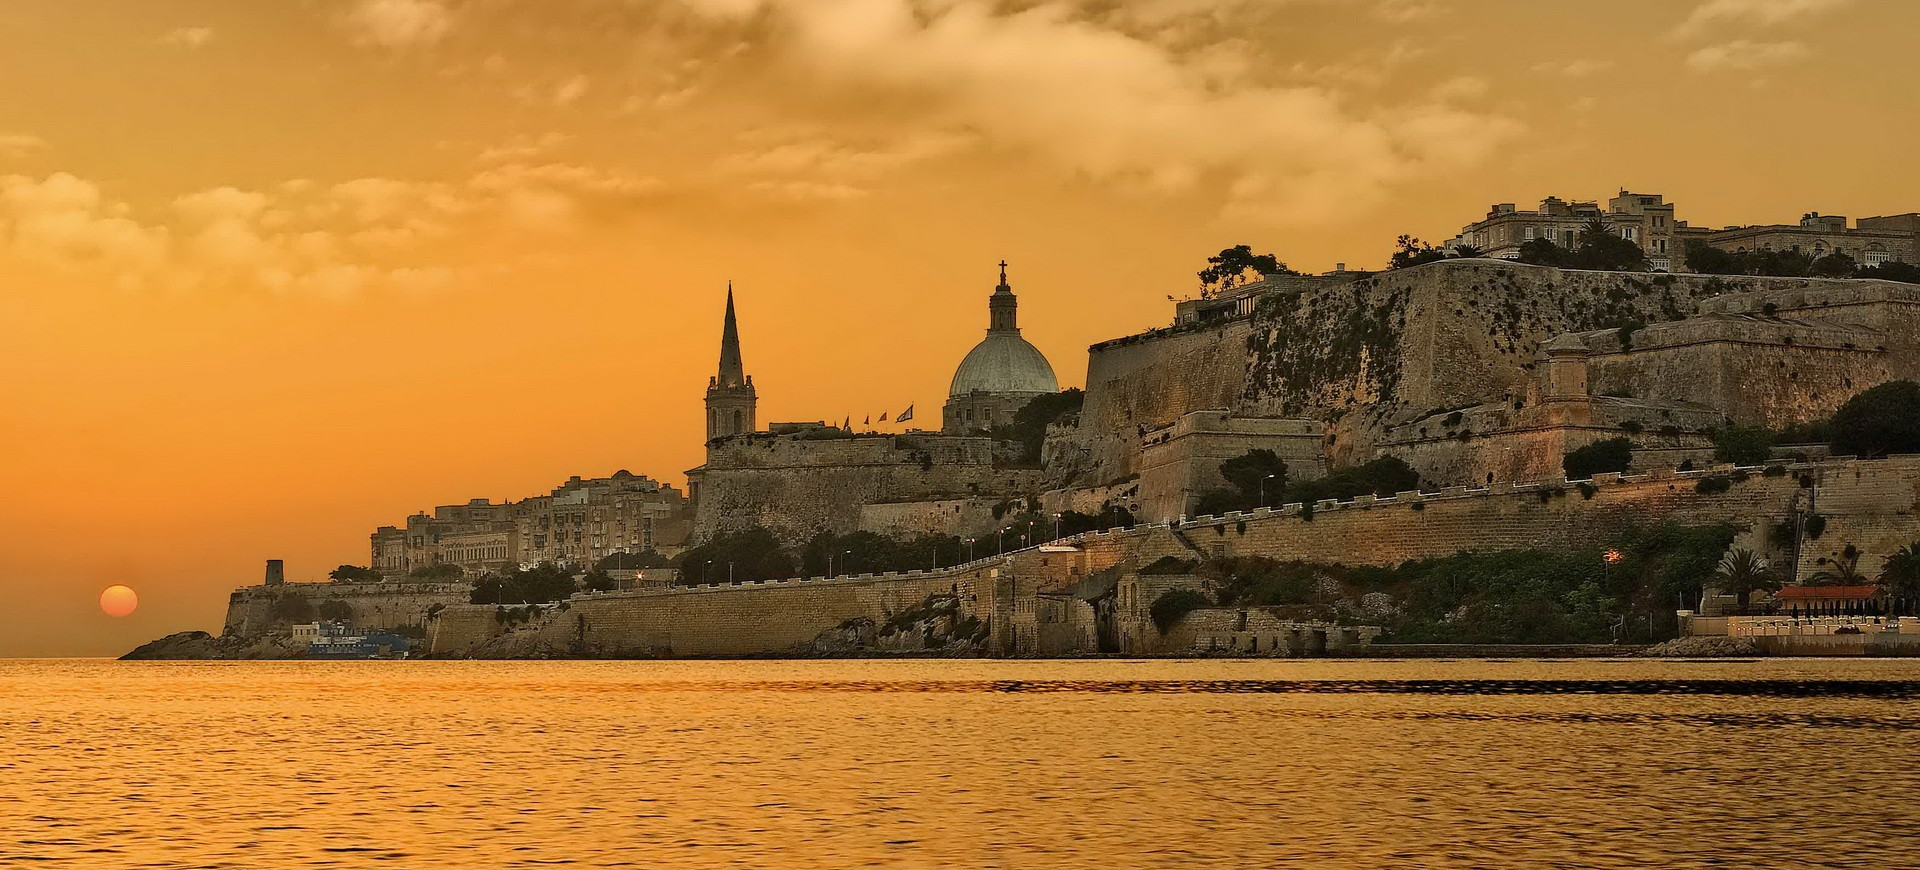 Malte La Valletta Fortifications by night